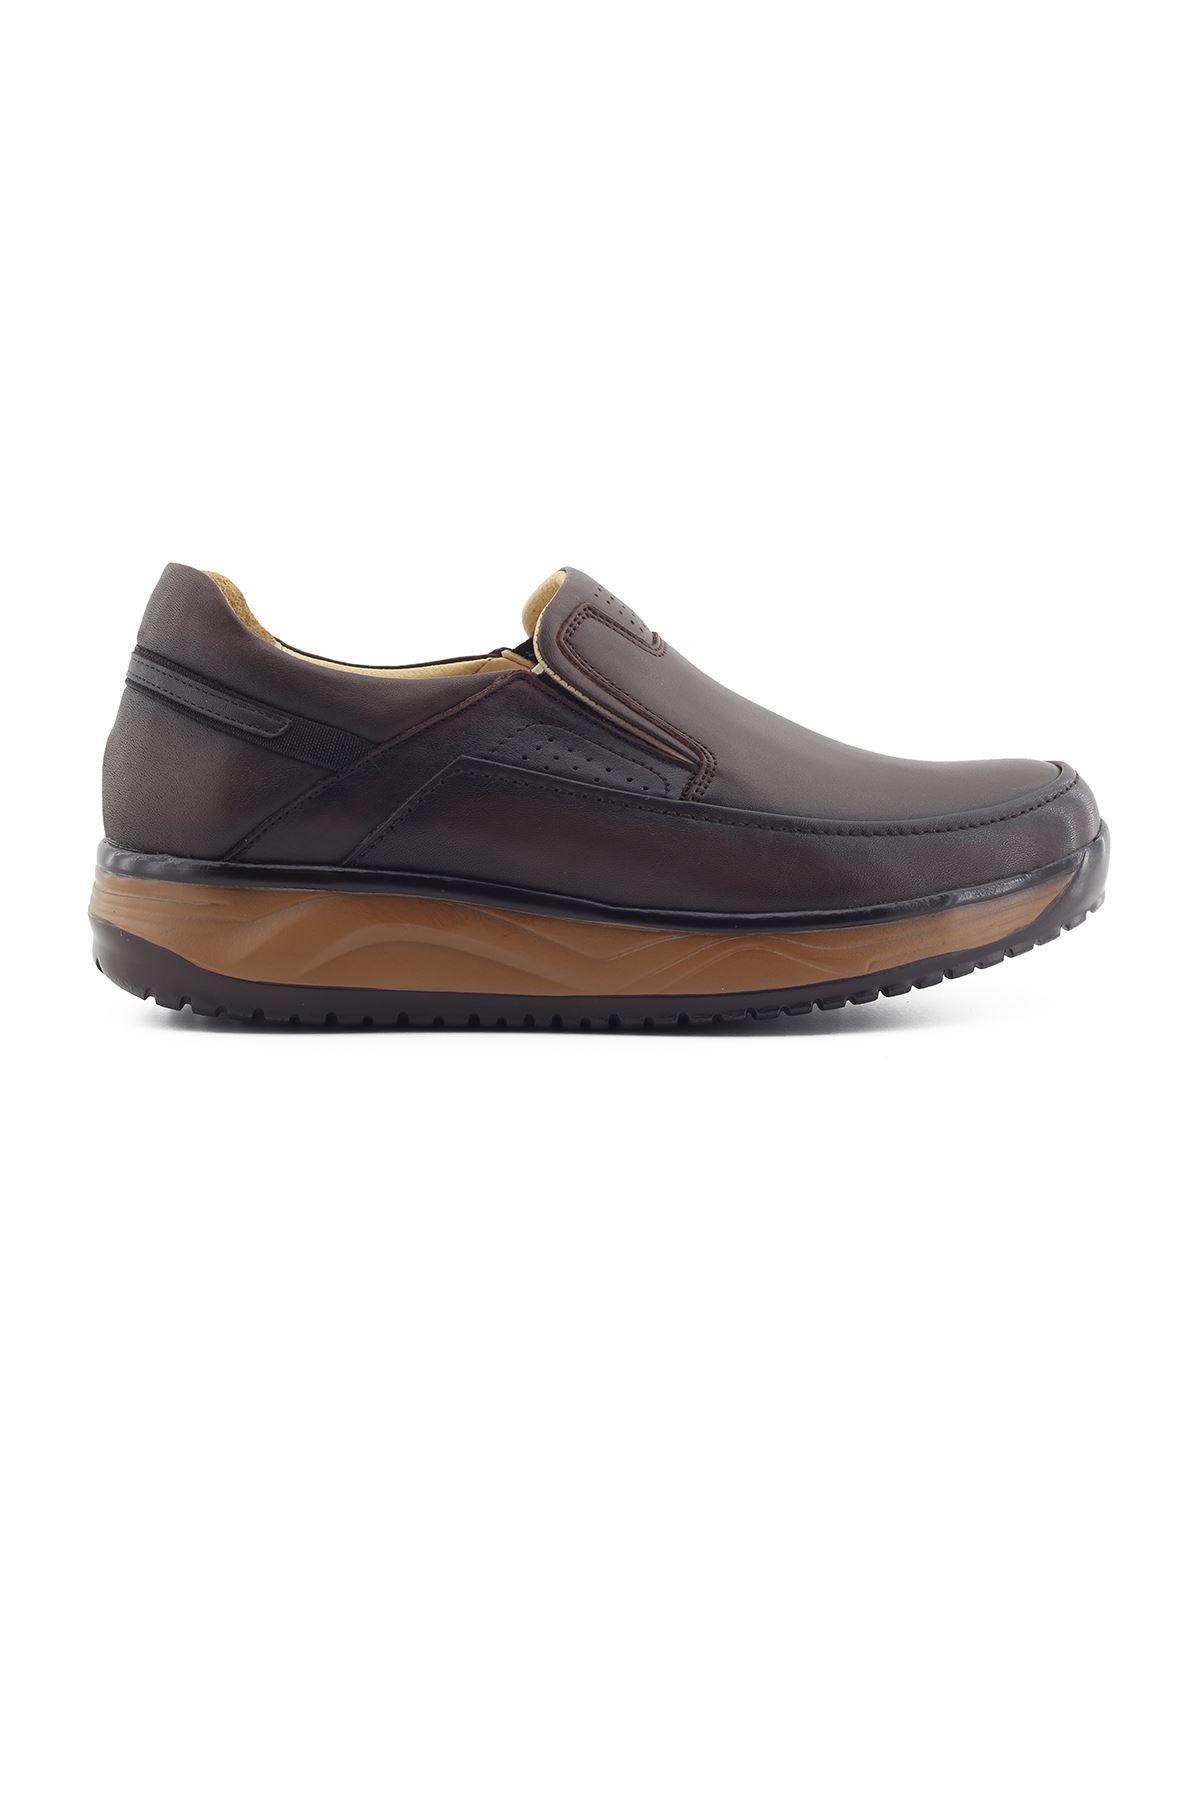 1850 Kahve Erkek Yürüyüş Ayakkabısı